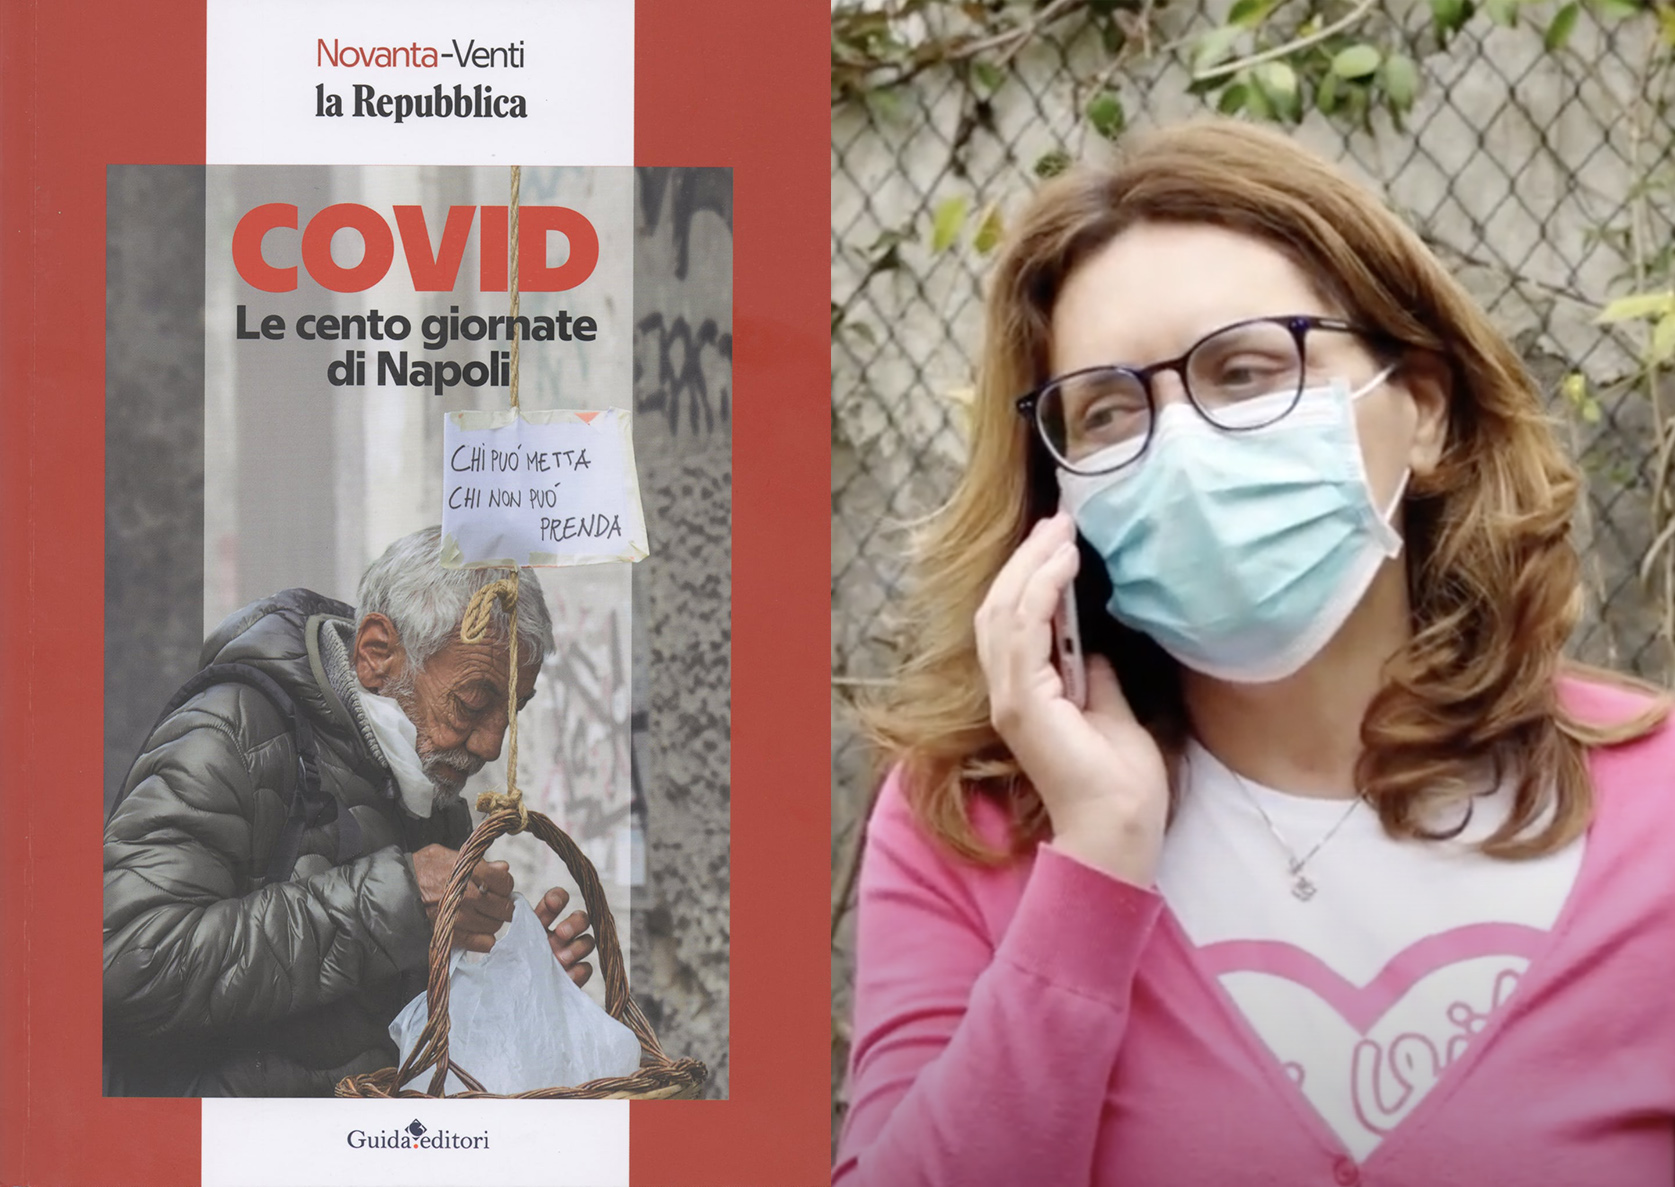 Covid, la testimonianza di Cordelia Vitiello nel libro di Repubblica